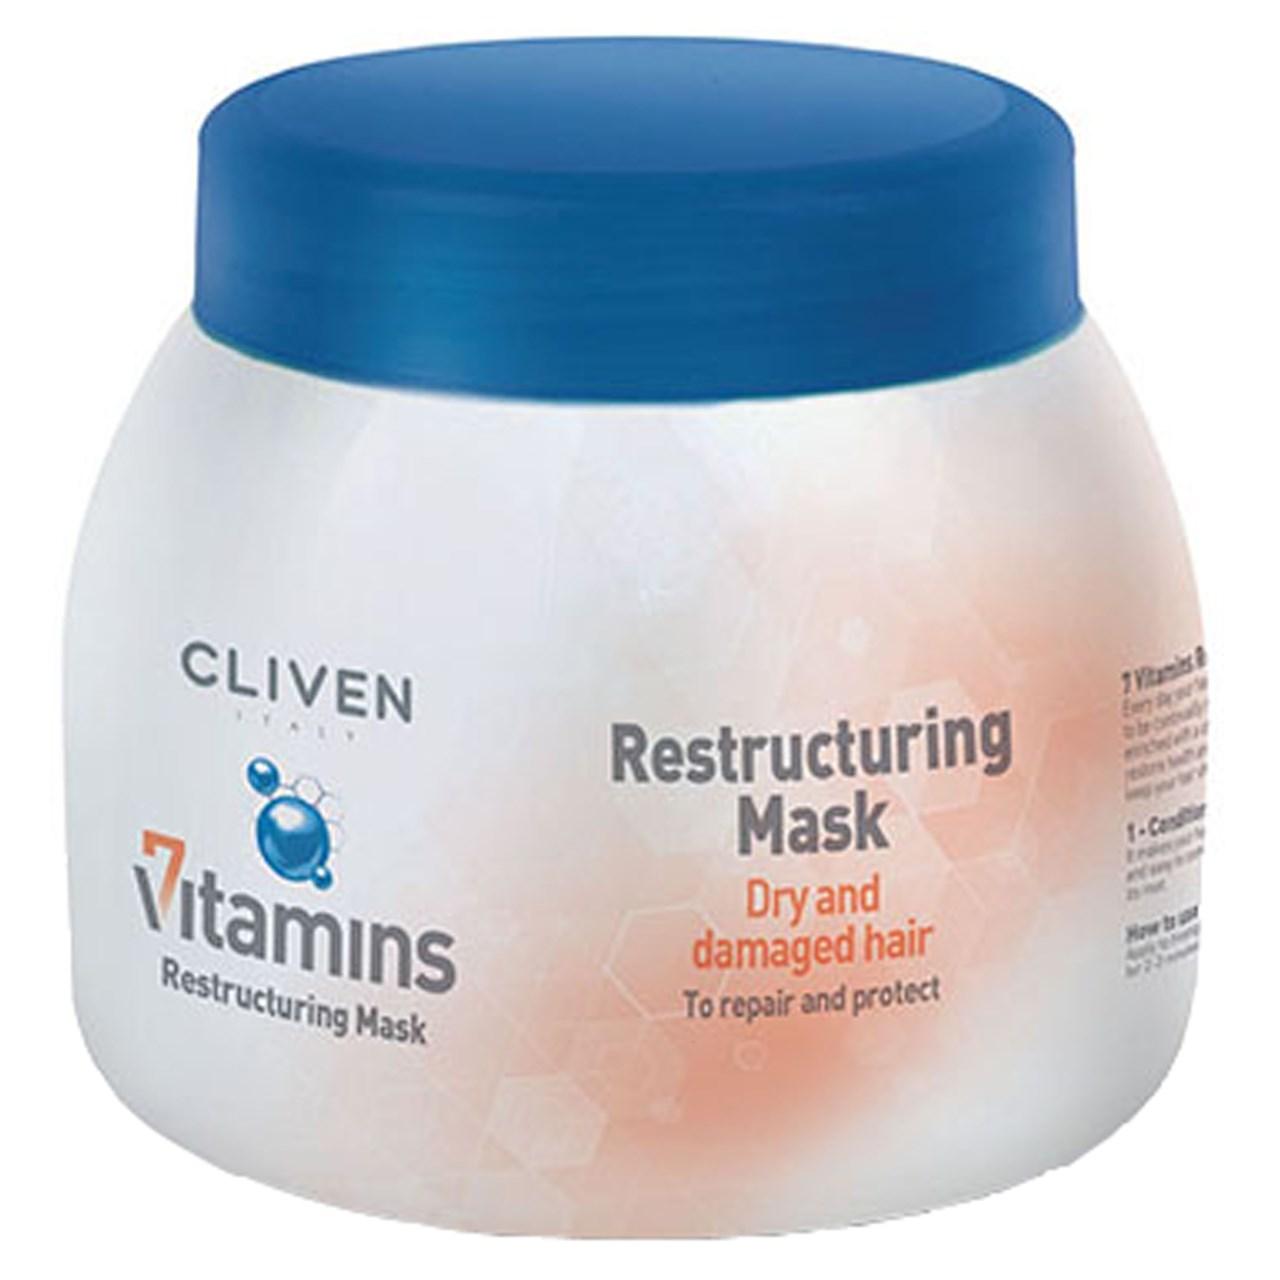 قیمت ماسک بازسازی کننده موهای خشک و آسیب دیده کلیون مدل 7 Vitamine Restructuring حجم 500 میلی لیتر